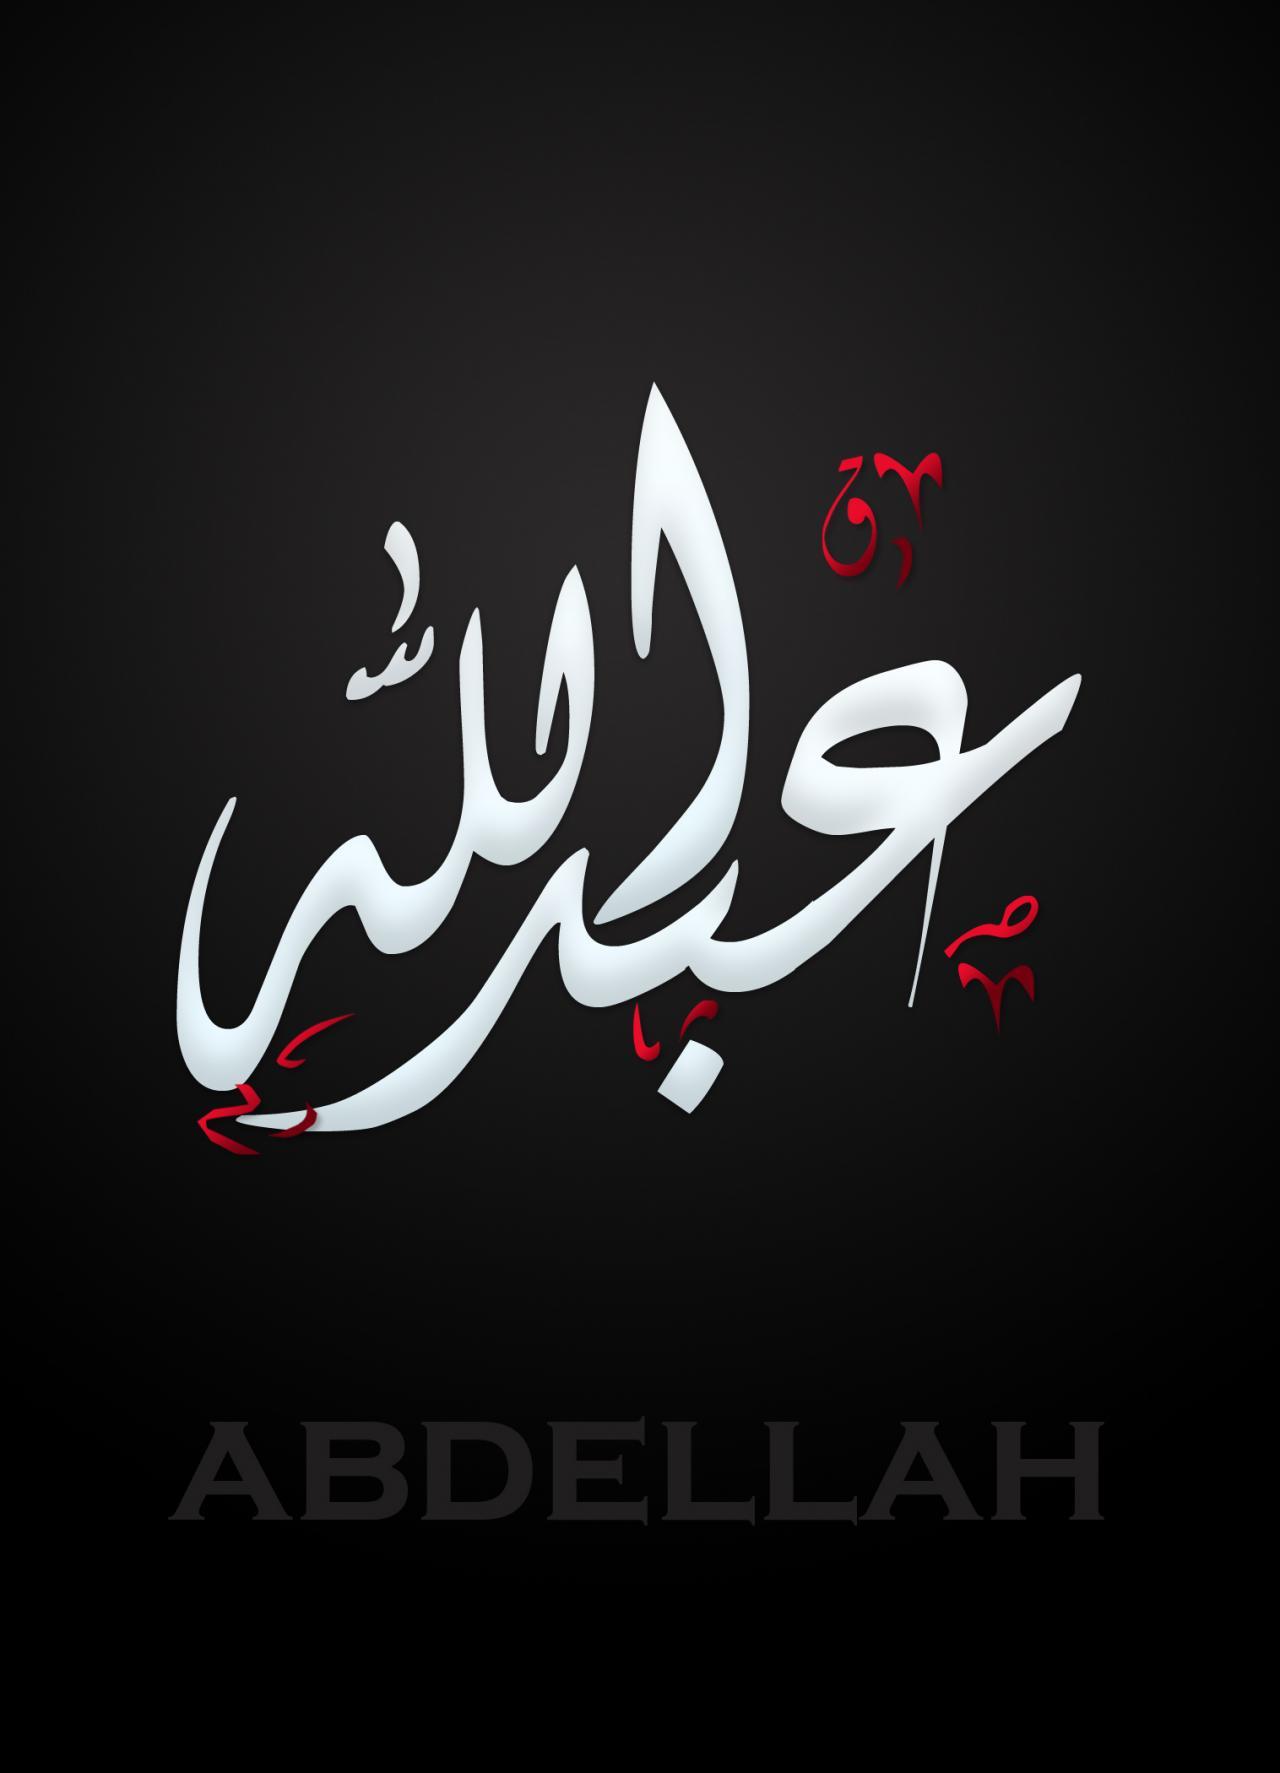 صورة صور اسم عبدالله , اروع صور اسم عبدالله